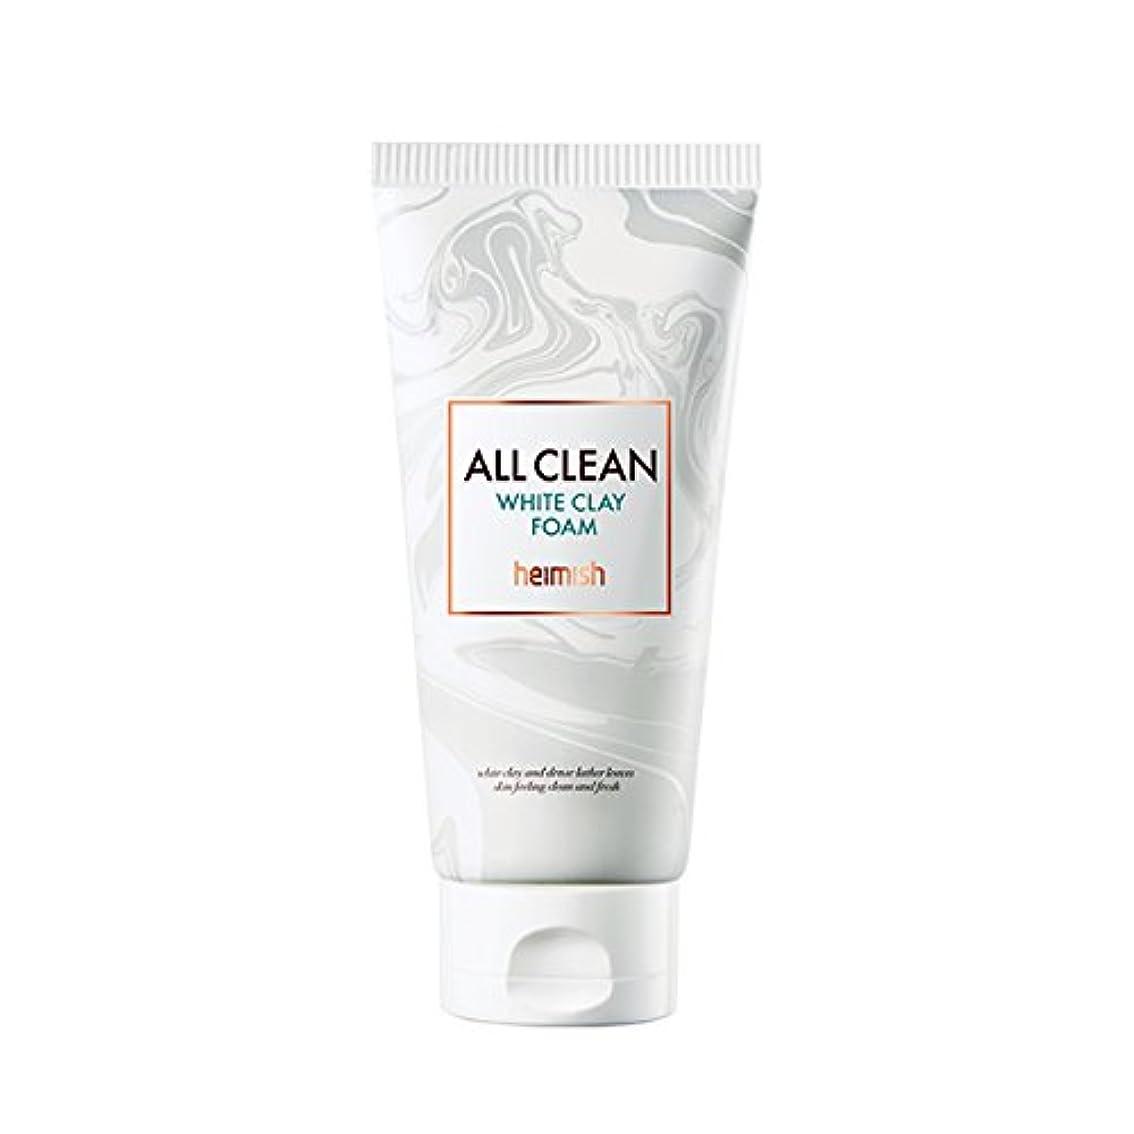 不足副詞好みheimish All Clean White Clay Foam 150g/ヘイミッシュ オールクリーン ホワイト クレイ フォーム 150g